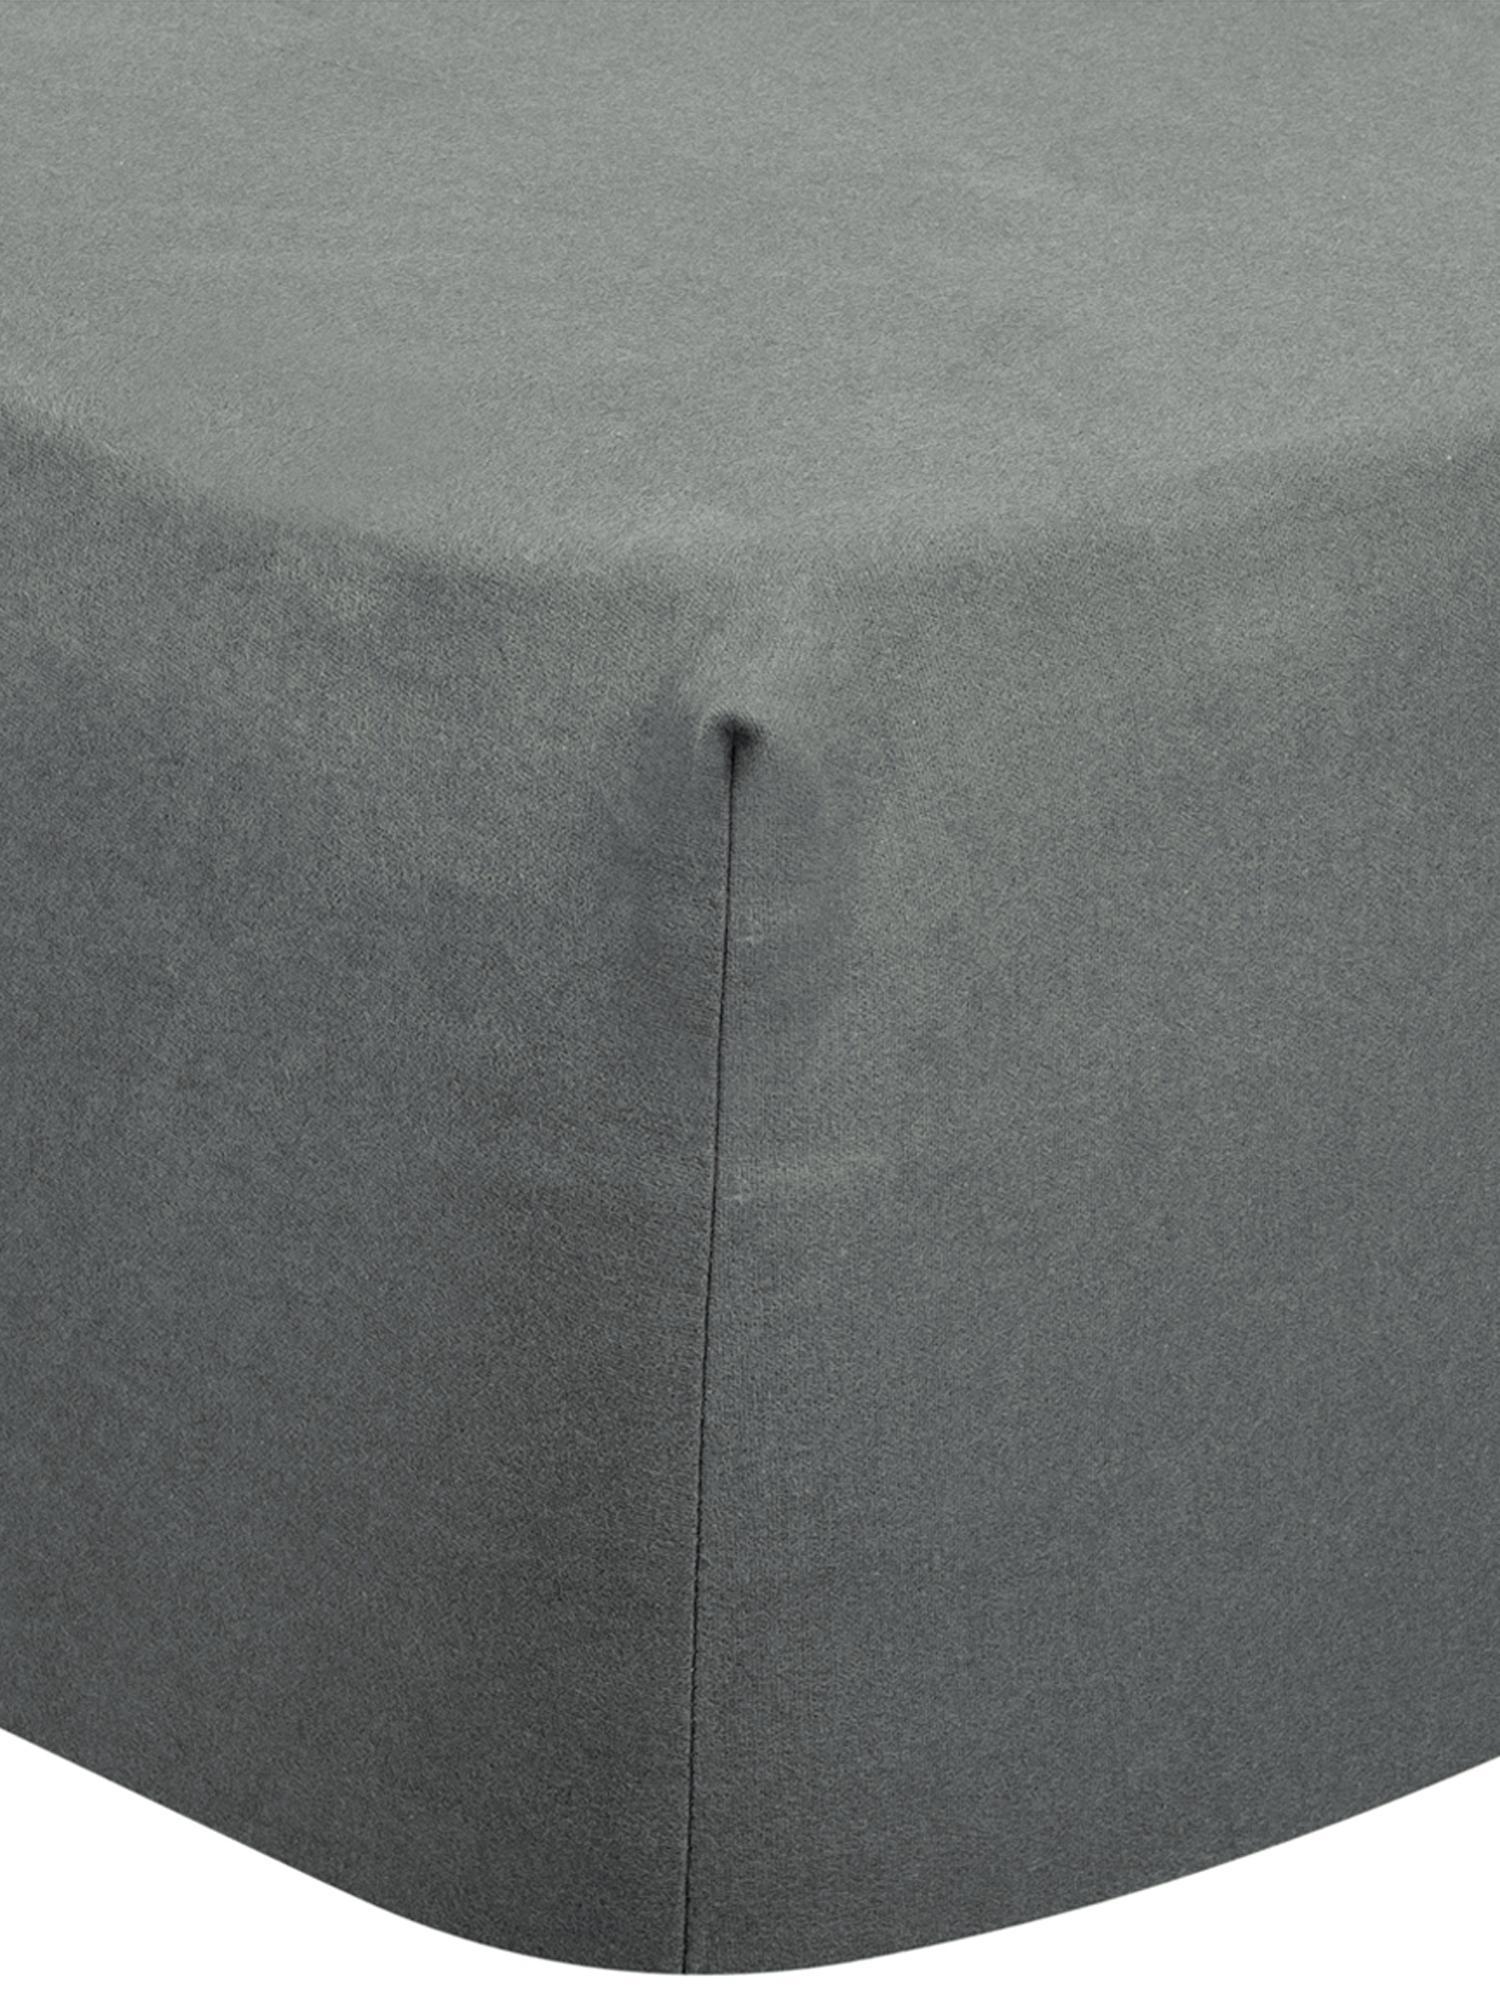 Prześcieradło z gumką z flaneli Biba, Ciemny szary, S 160 x D 200 cm